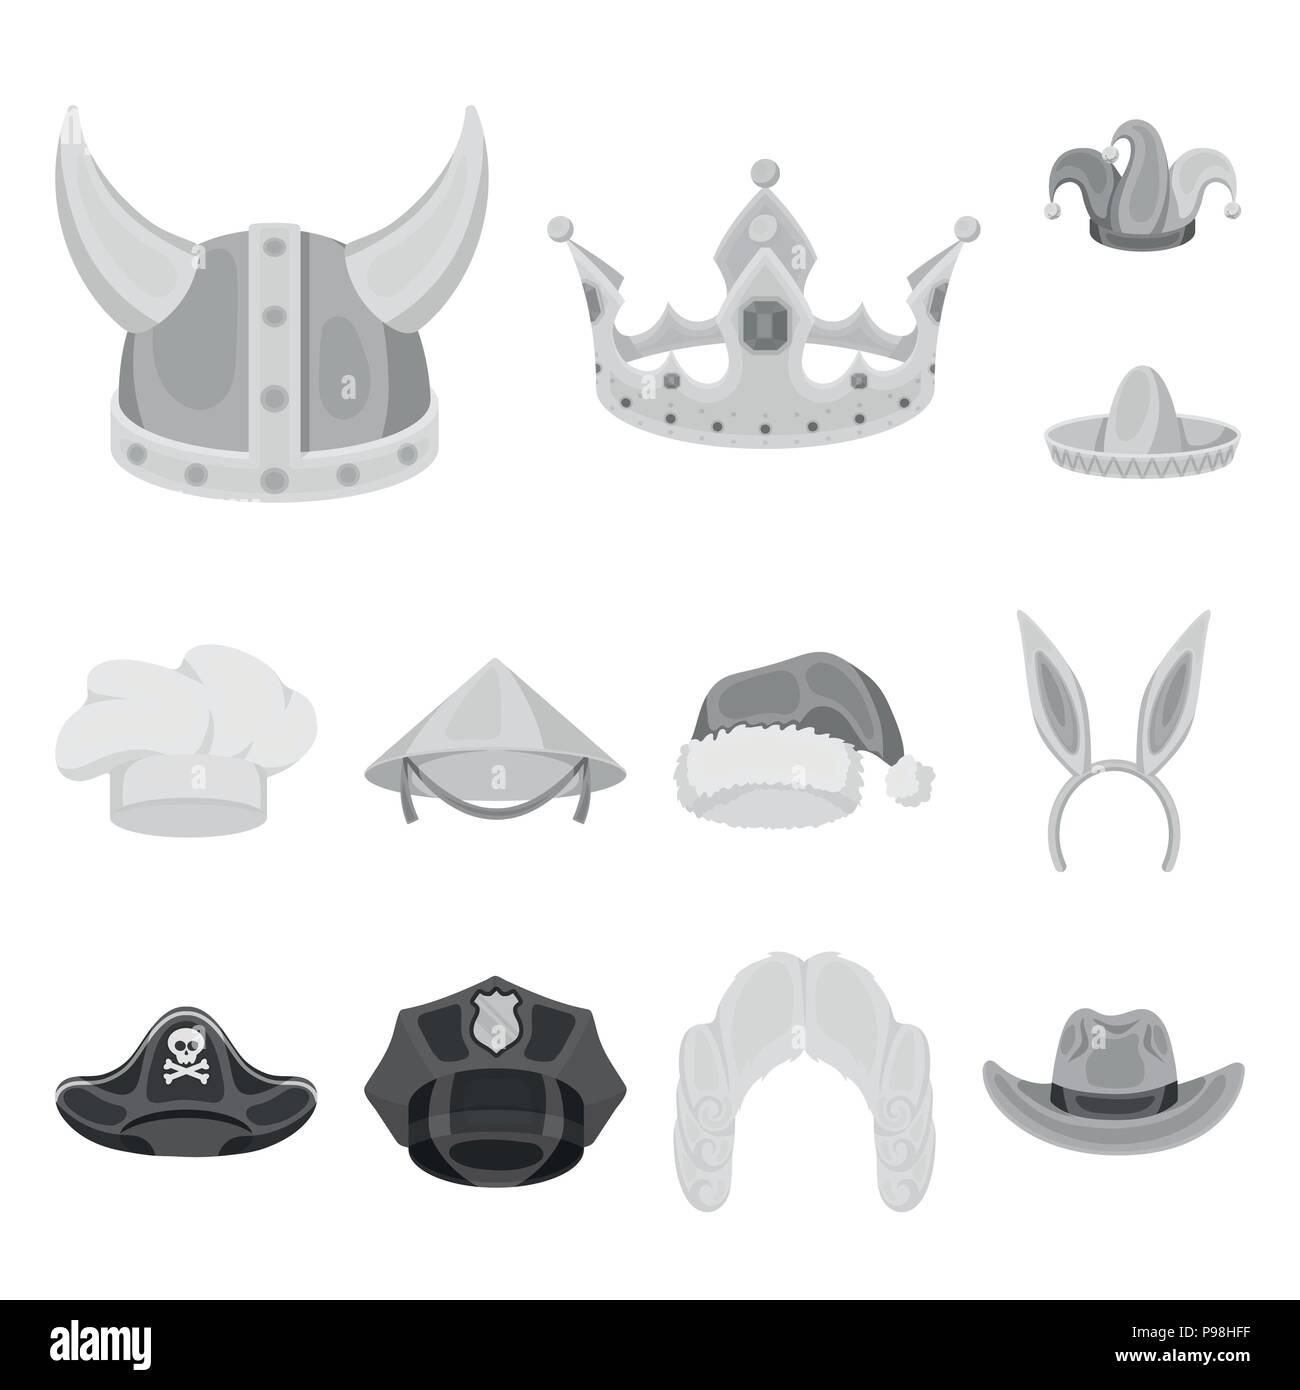 Diversi tipi di cappelli icone monocromatiche in set di raccolta per design.copricapo  simbolo vettore illustrazione stock. 80124bbd5085